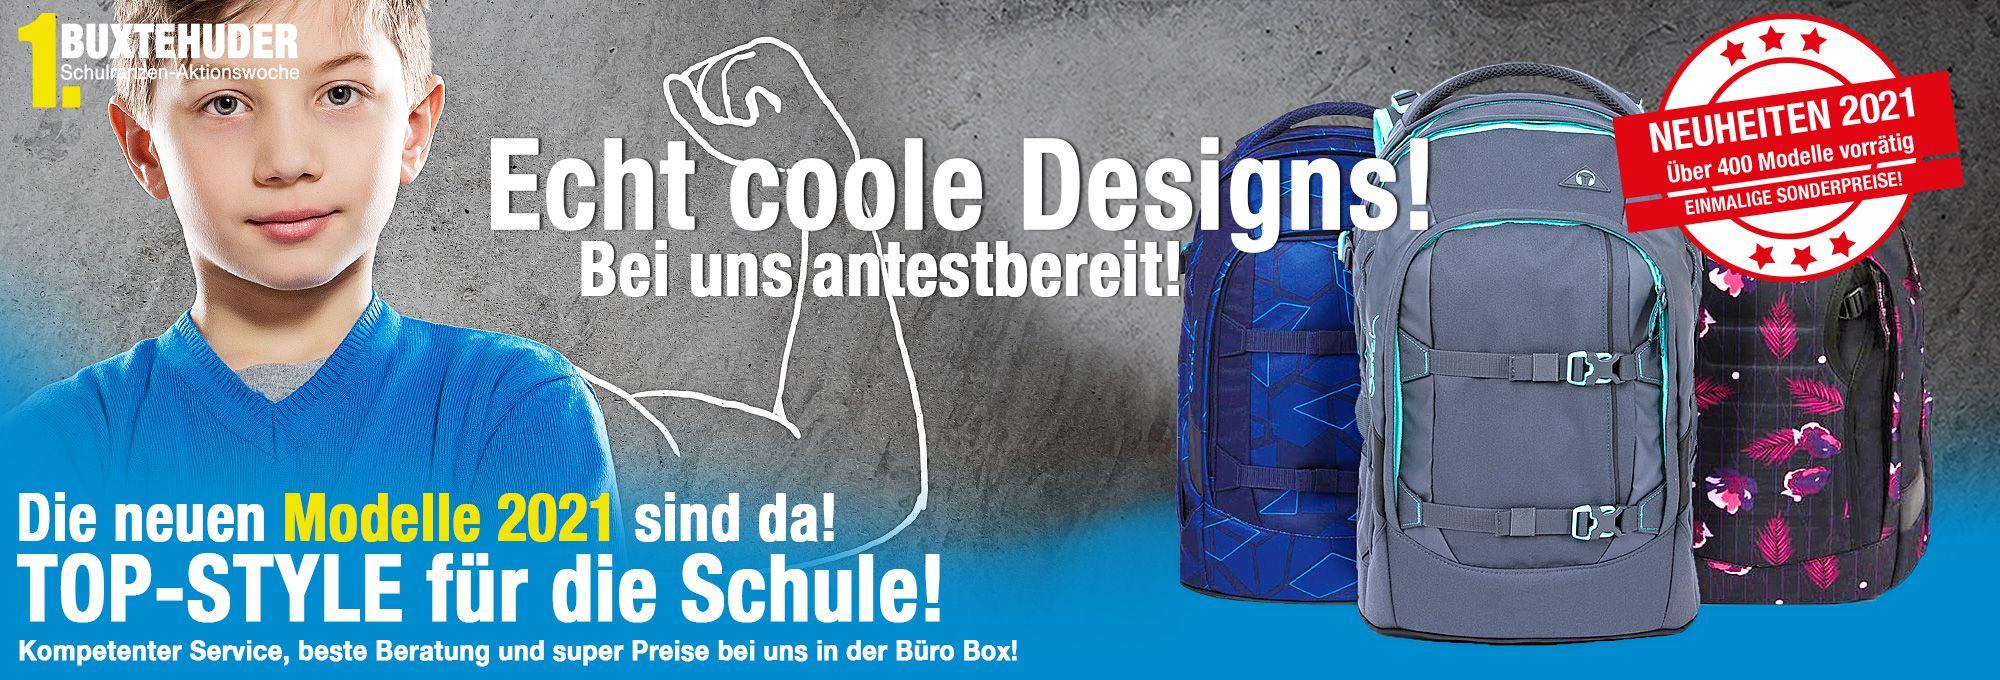 Büro Box Buxtehuder Büroartikel Markt: Schulbedarf